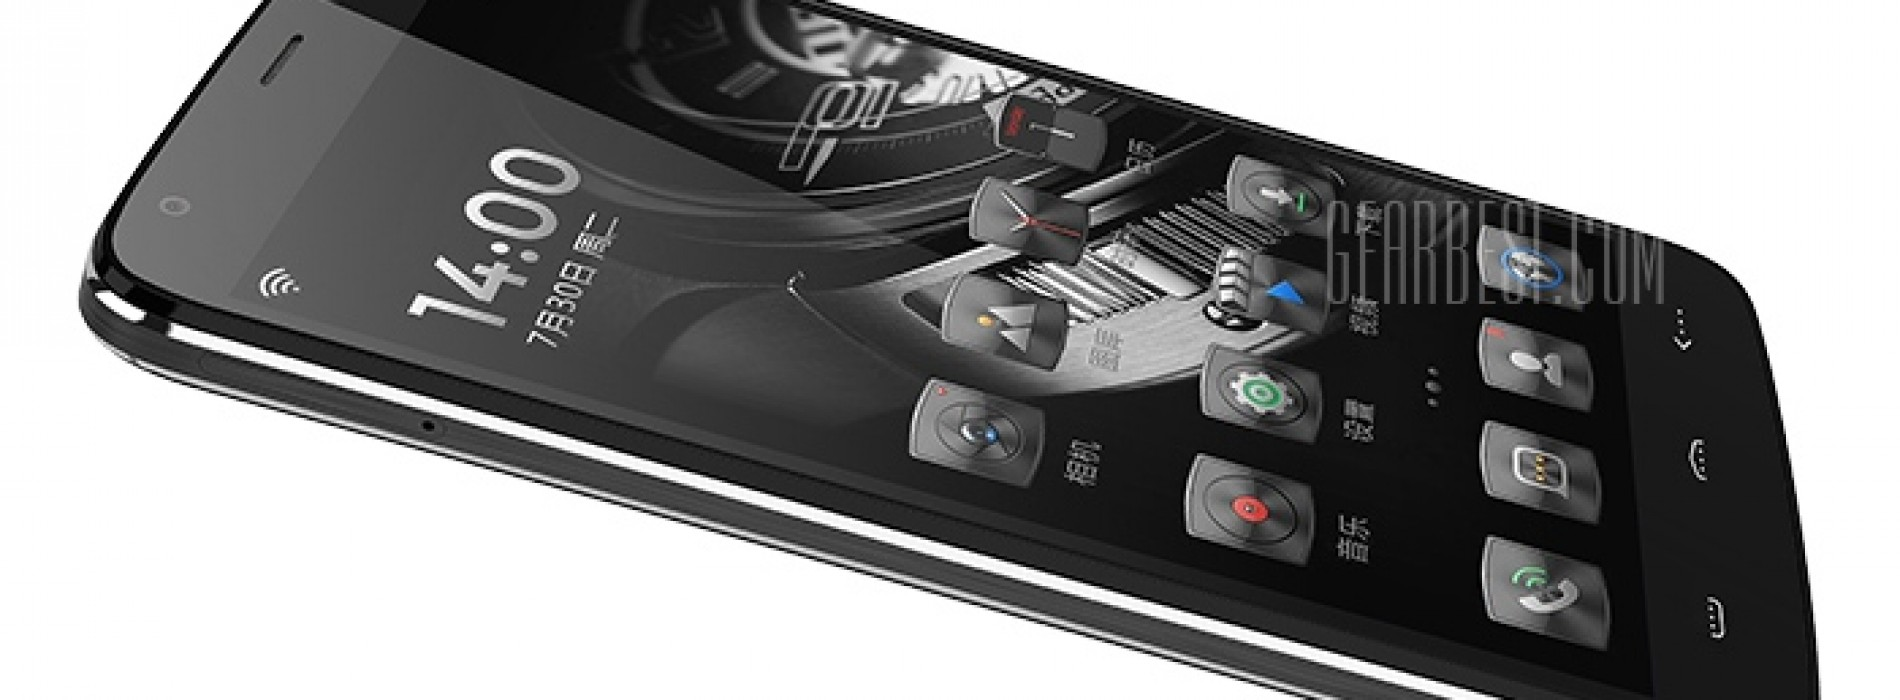 DOOGEE HOMTOM HT6 con batteria da 6250 mAh e Lenovo K3 Note k50 octa-core  in preordine [codici sconto]